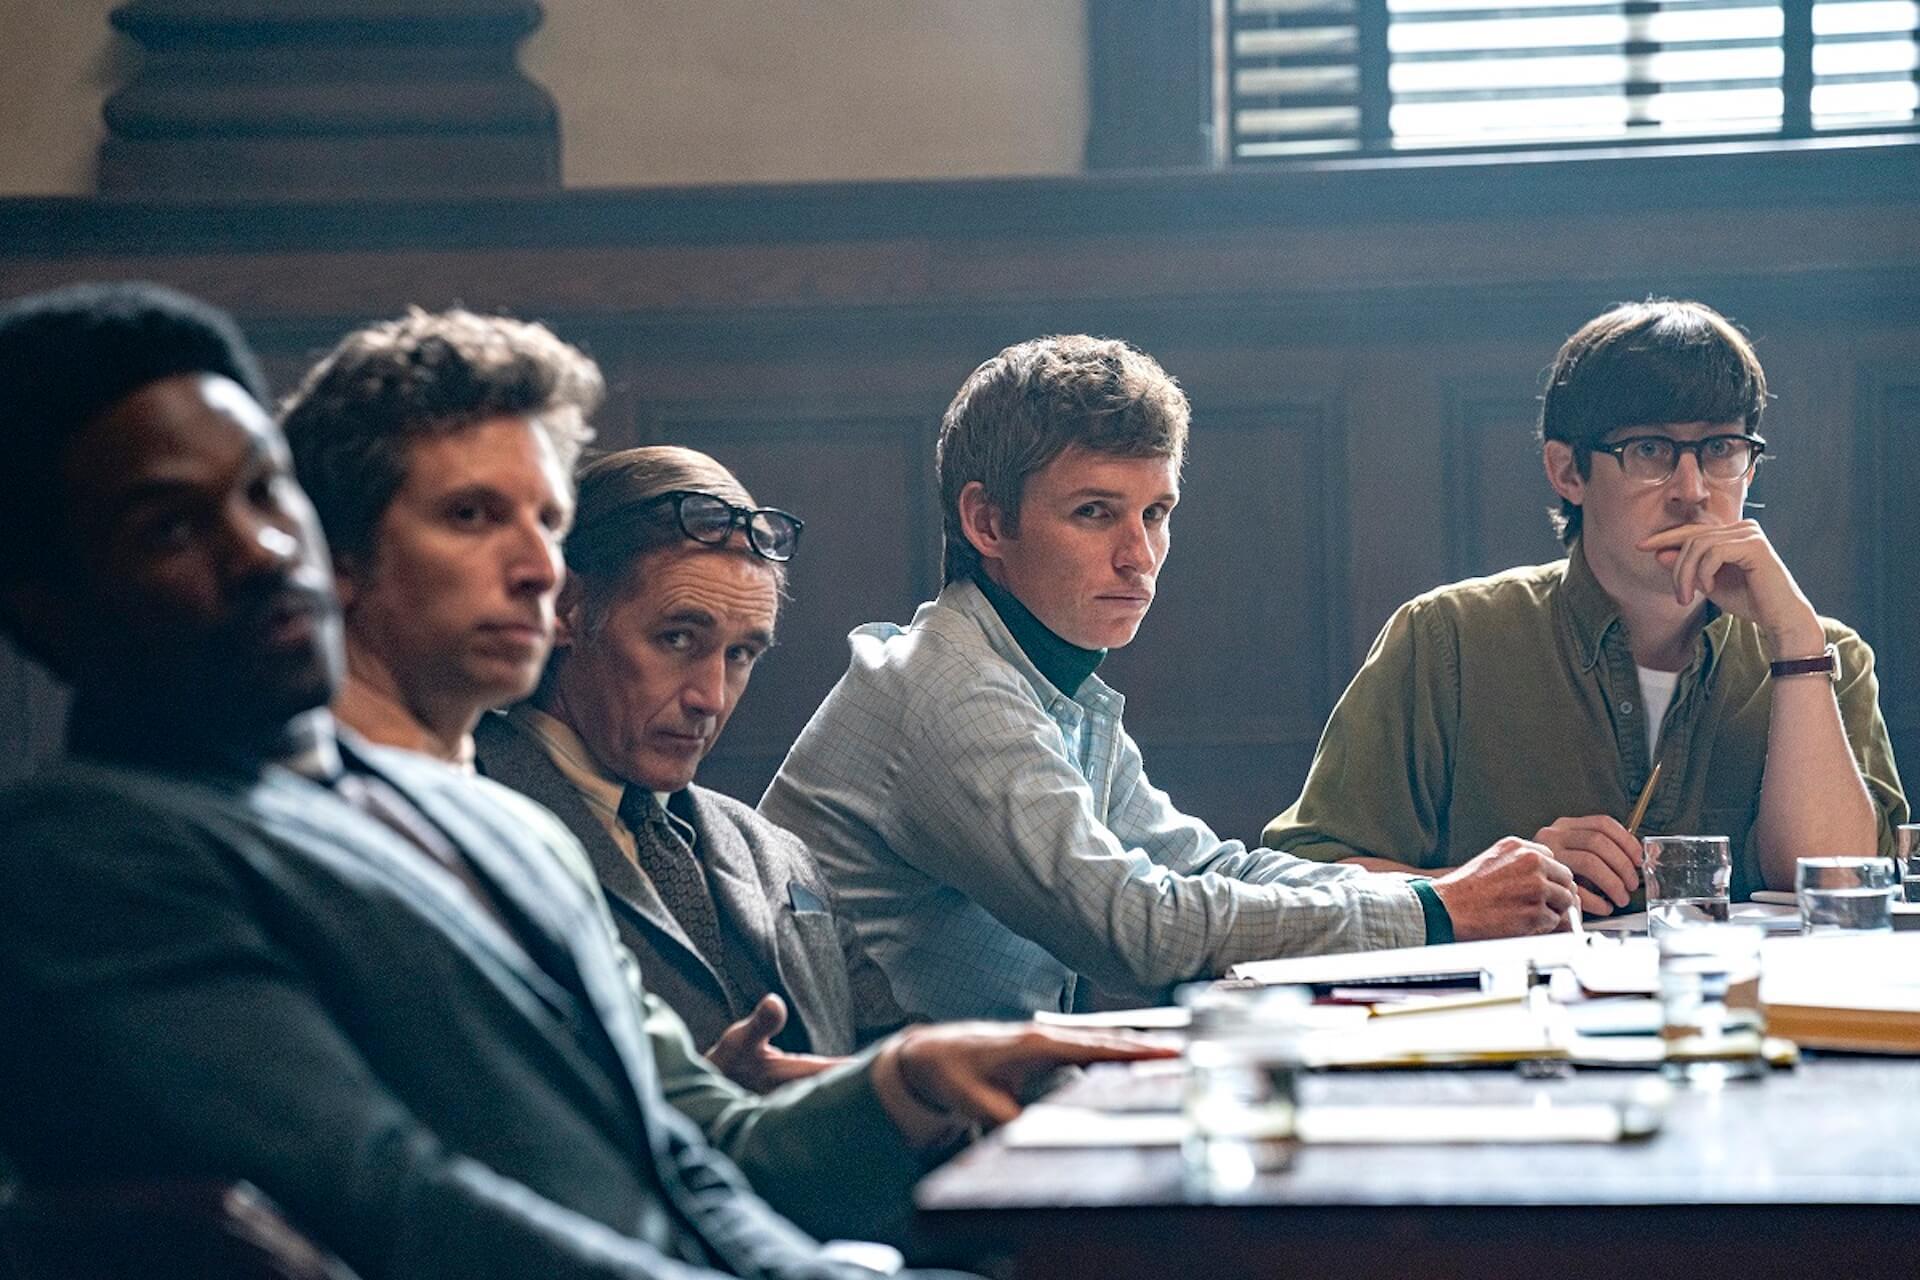 Netflix作品がゴールデン・グローブ賞で最多43ノミネート!『シカゴ7裁判』や『Mank/マンク』など話題作がラインナップ film210204_netflix_gga_3